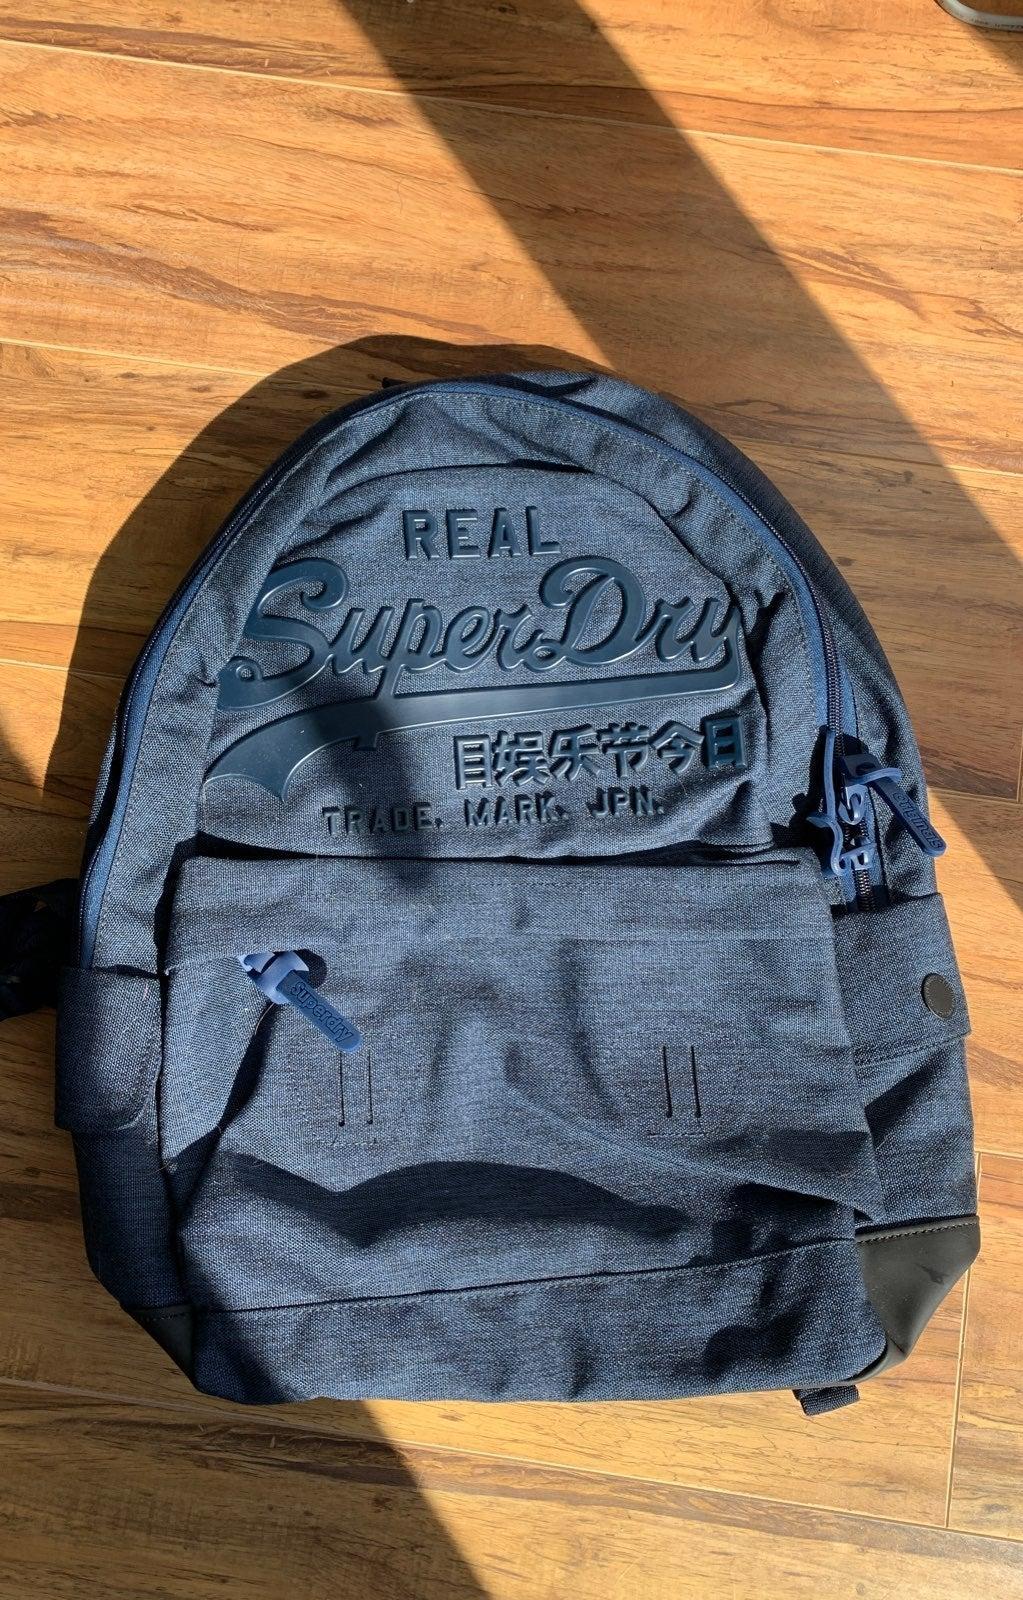 Superdry backpack NWOT